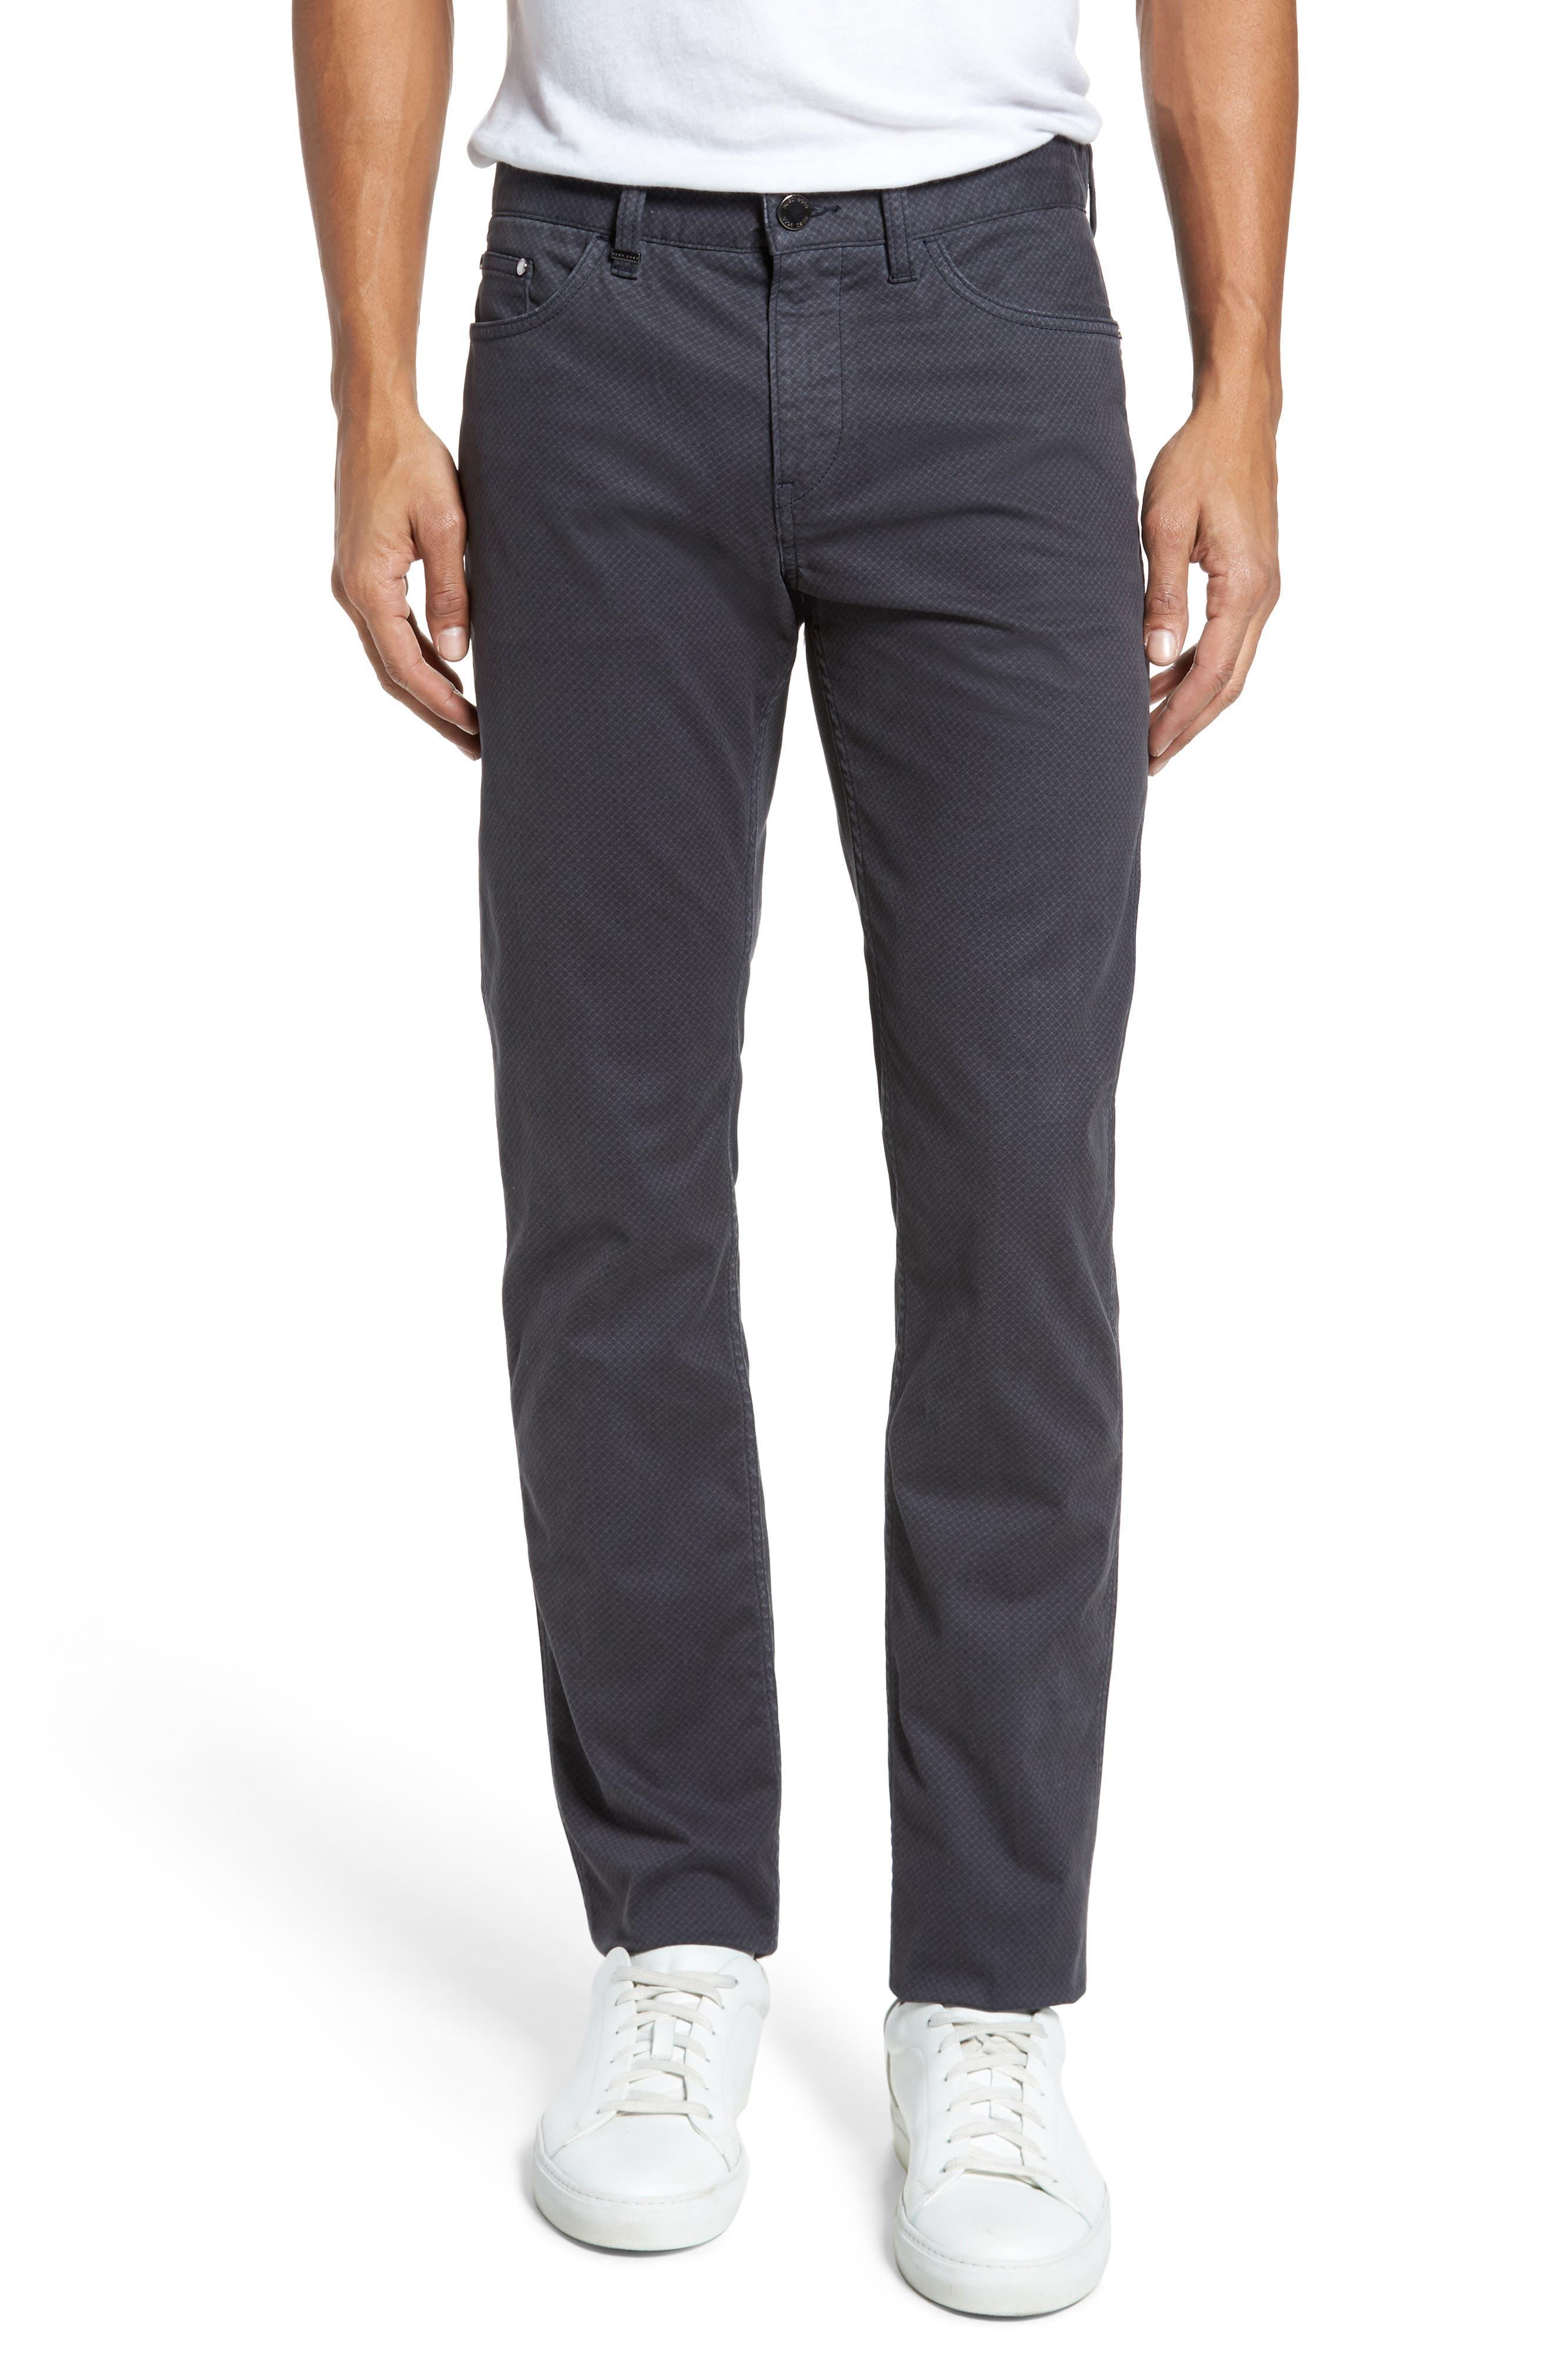 Delaware Slim Fit Pants,                             Main thumbnail 1, color,                             022